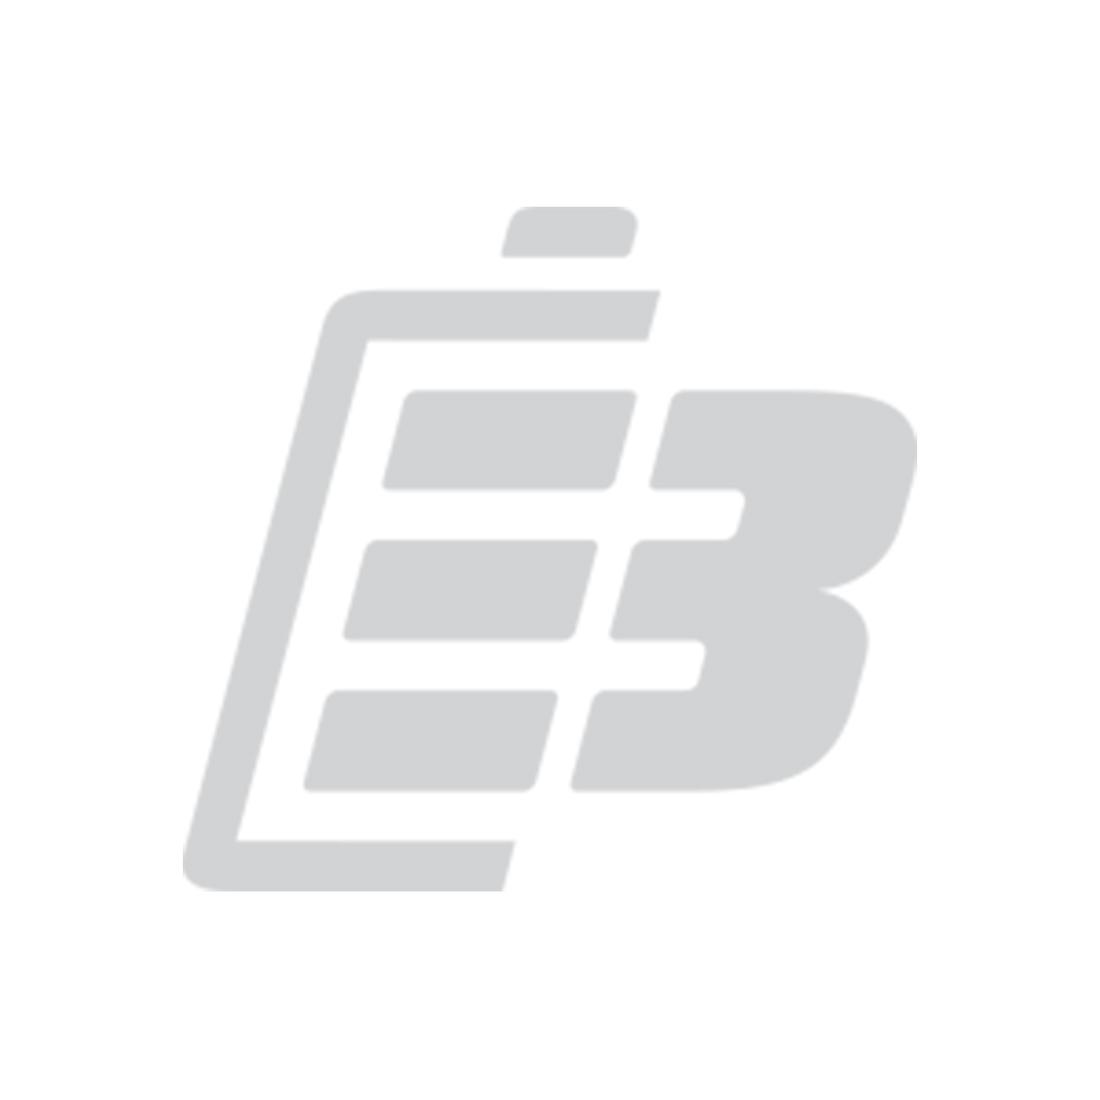 Μπαταρία smartphone Blackberry Torch 9800_1